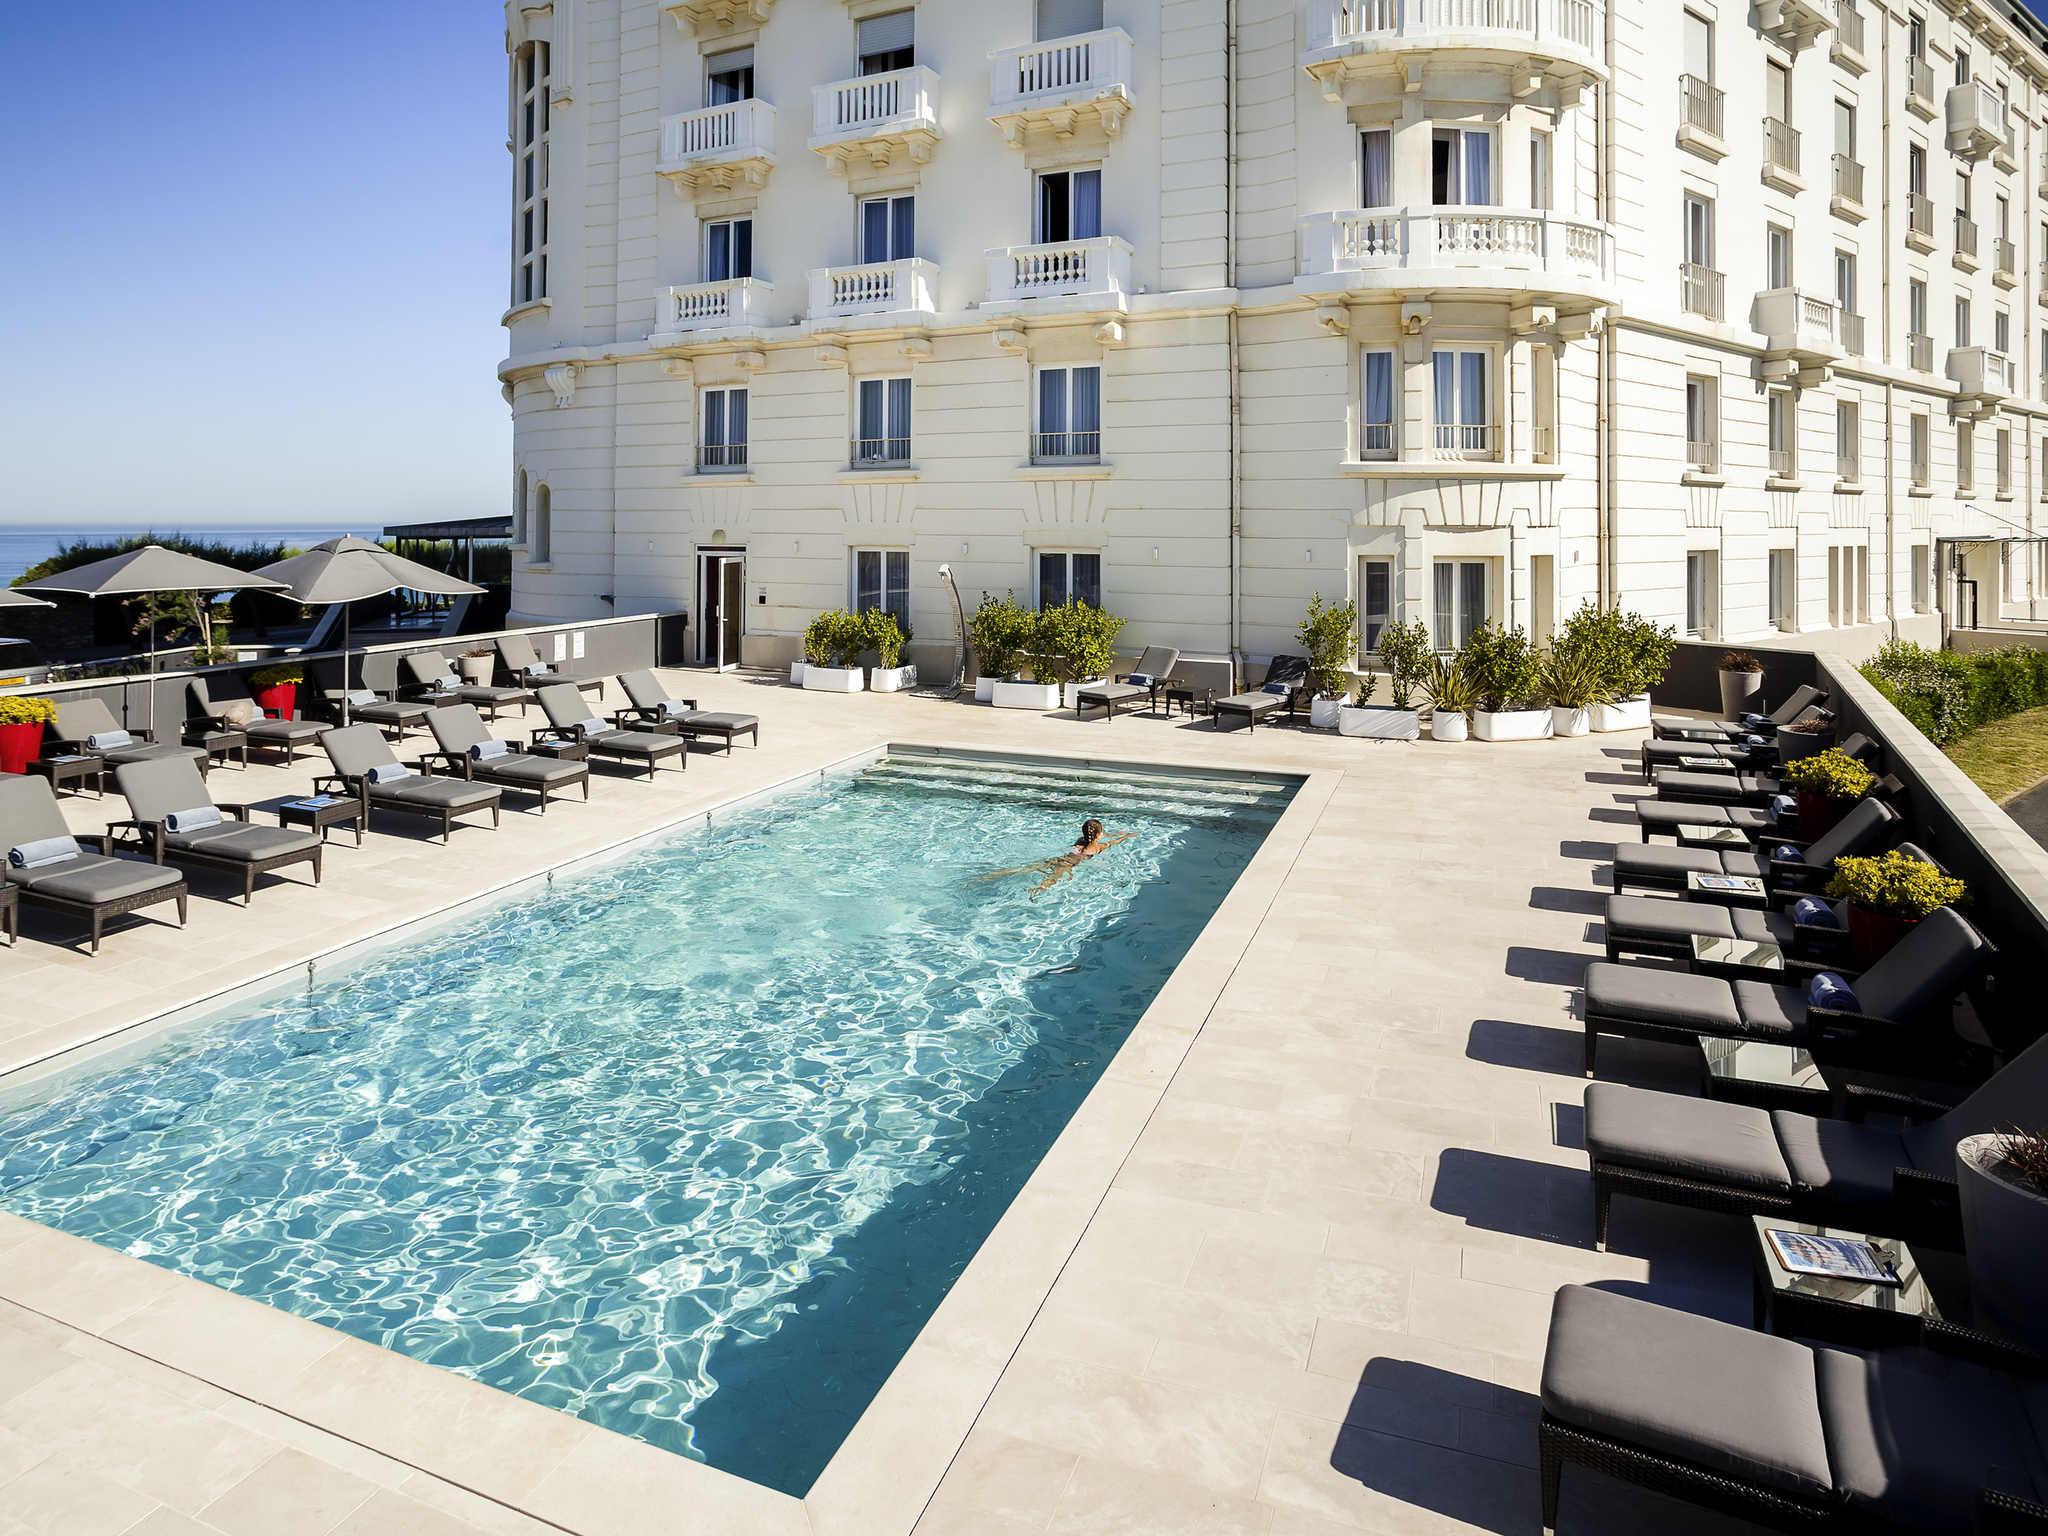 酒店 – 美憬阁索菲特里贾纳比亚里茨水疗酒店